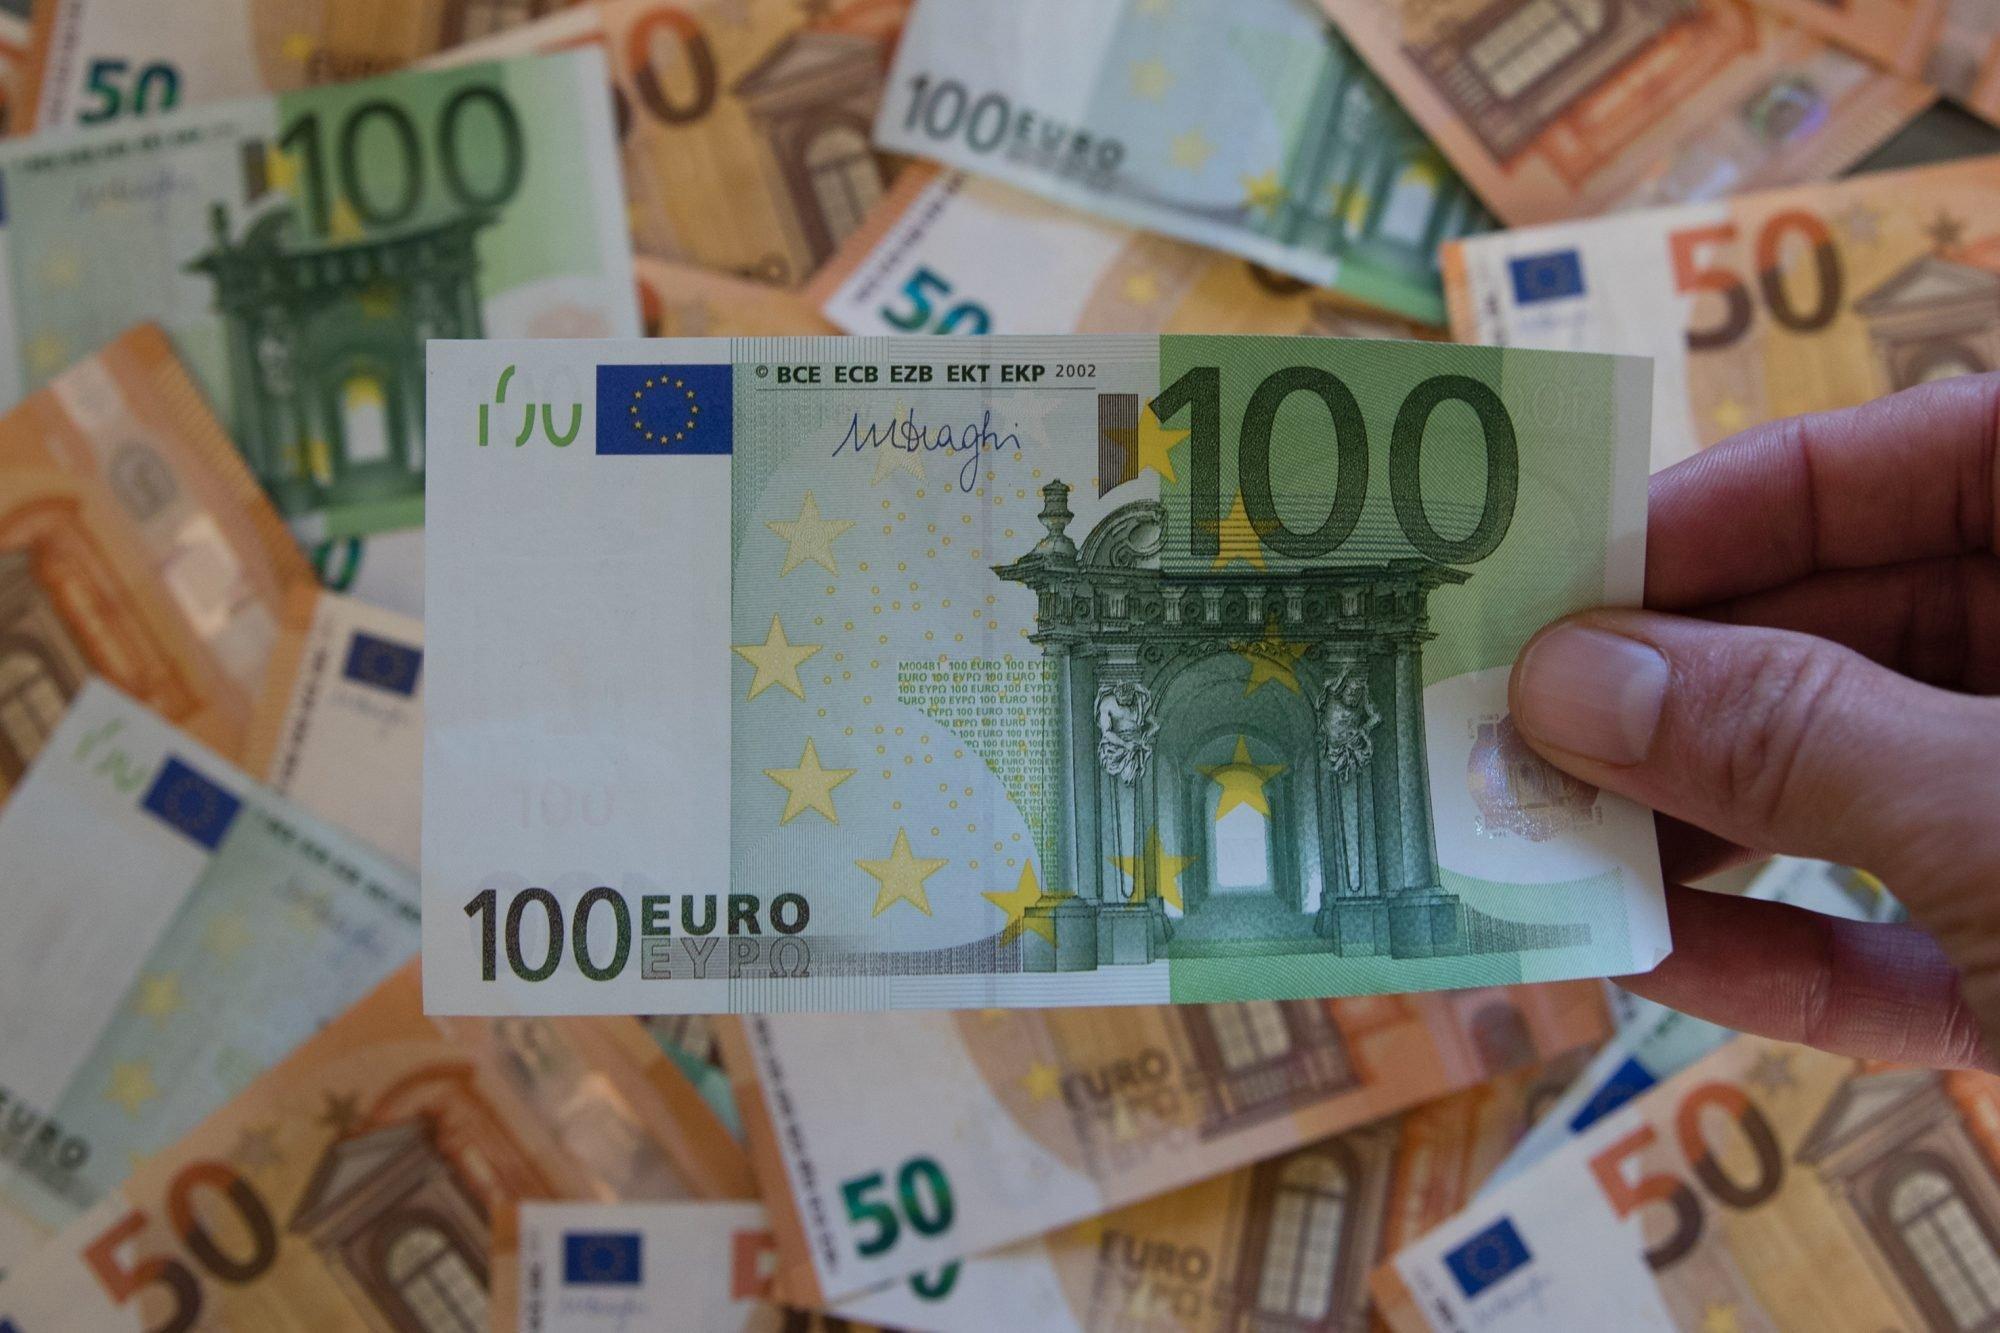 Notas euro dinheiro